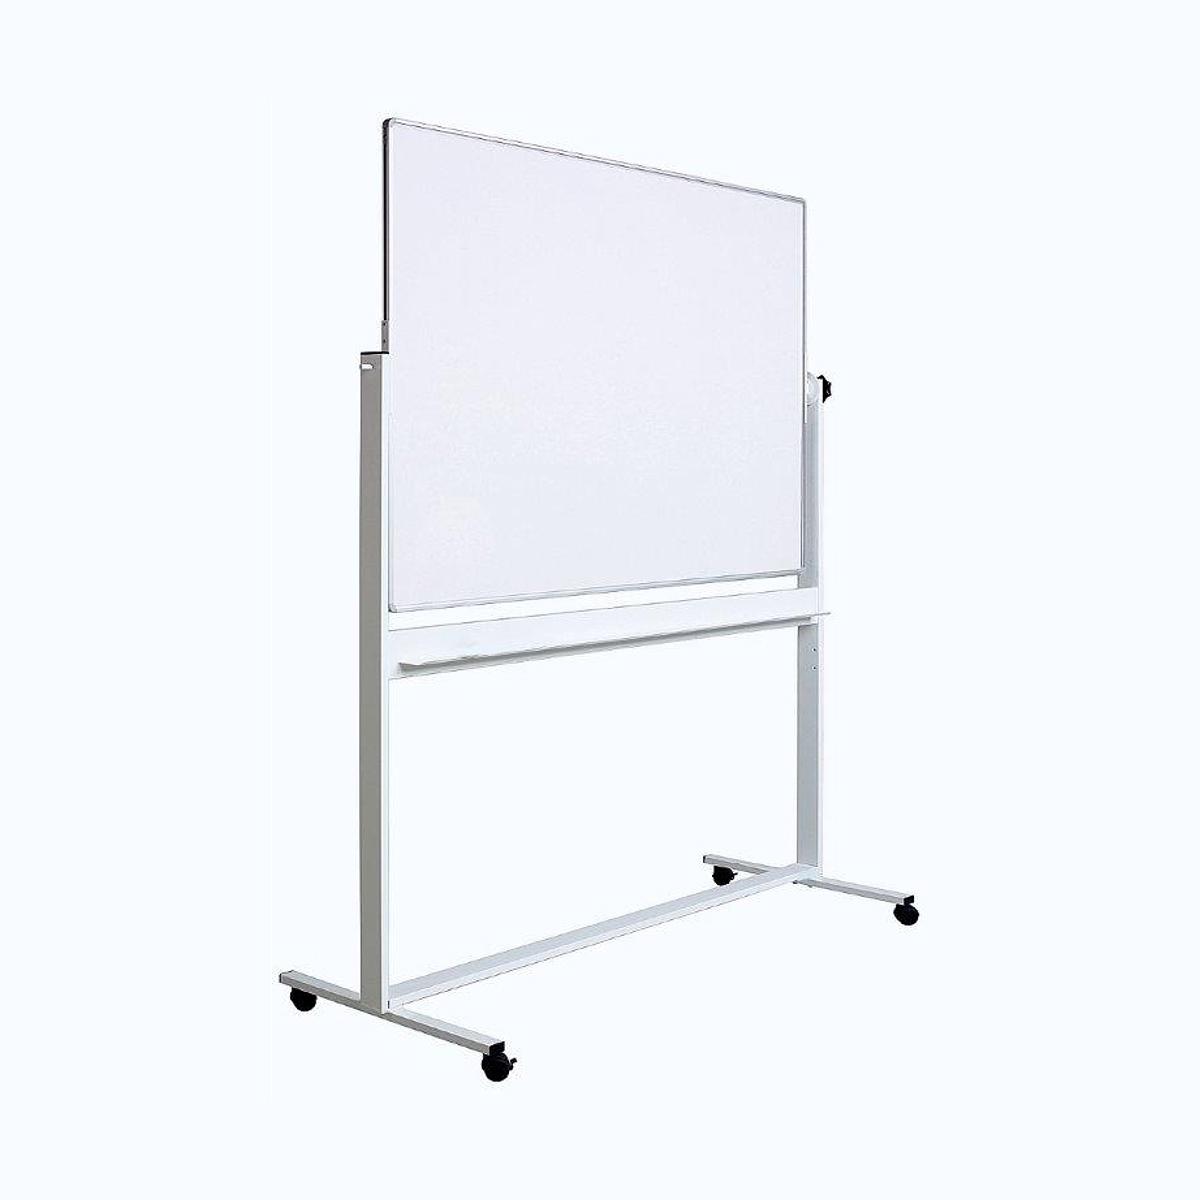 Tablă Albă Magnetică, Față Dublă, Rotativă, Stand Mobil, Profil Aluminiu, Diferite Dimensiuni, Optima, OP-25090120, OP-25100150, OP-25100180, OP-25100200, OP-25120180